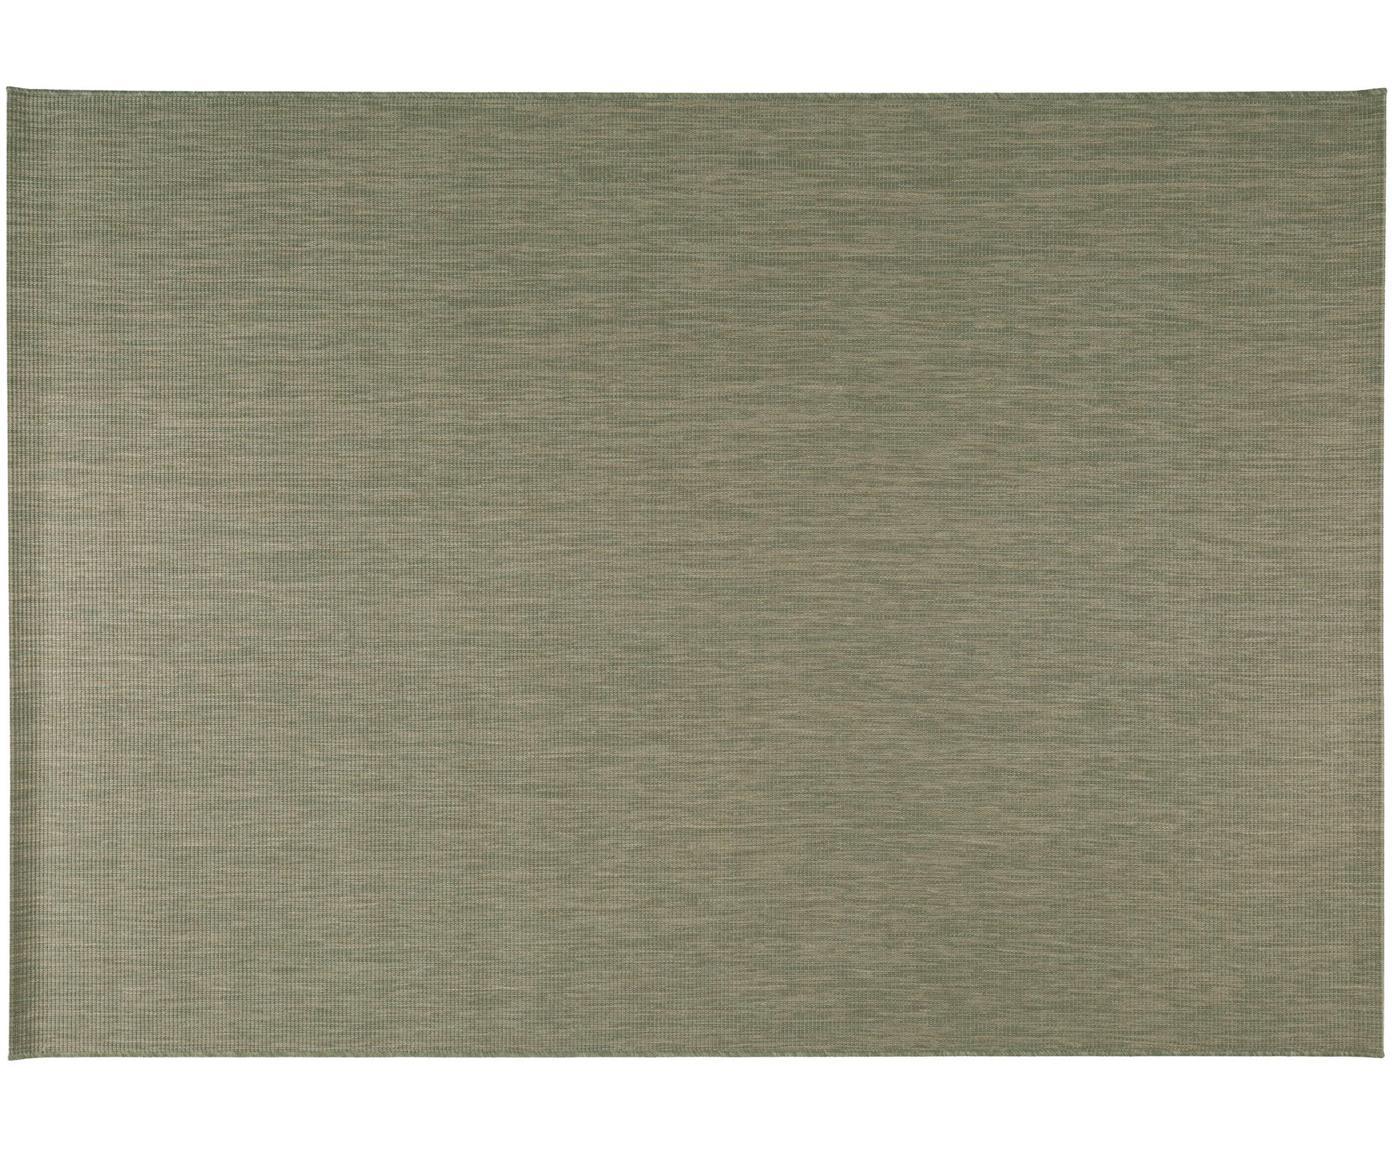 Dywan wewnętrzny/zewnętrzny Metro, Polipropylen, Zielony, S 120 x D 170 cm (Rozmiar S)